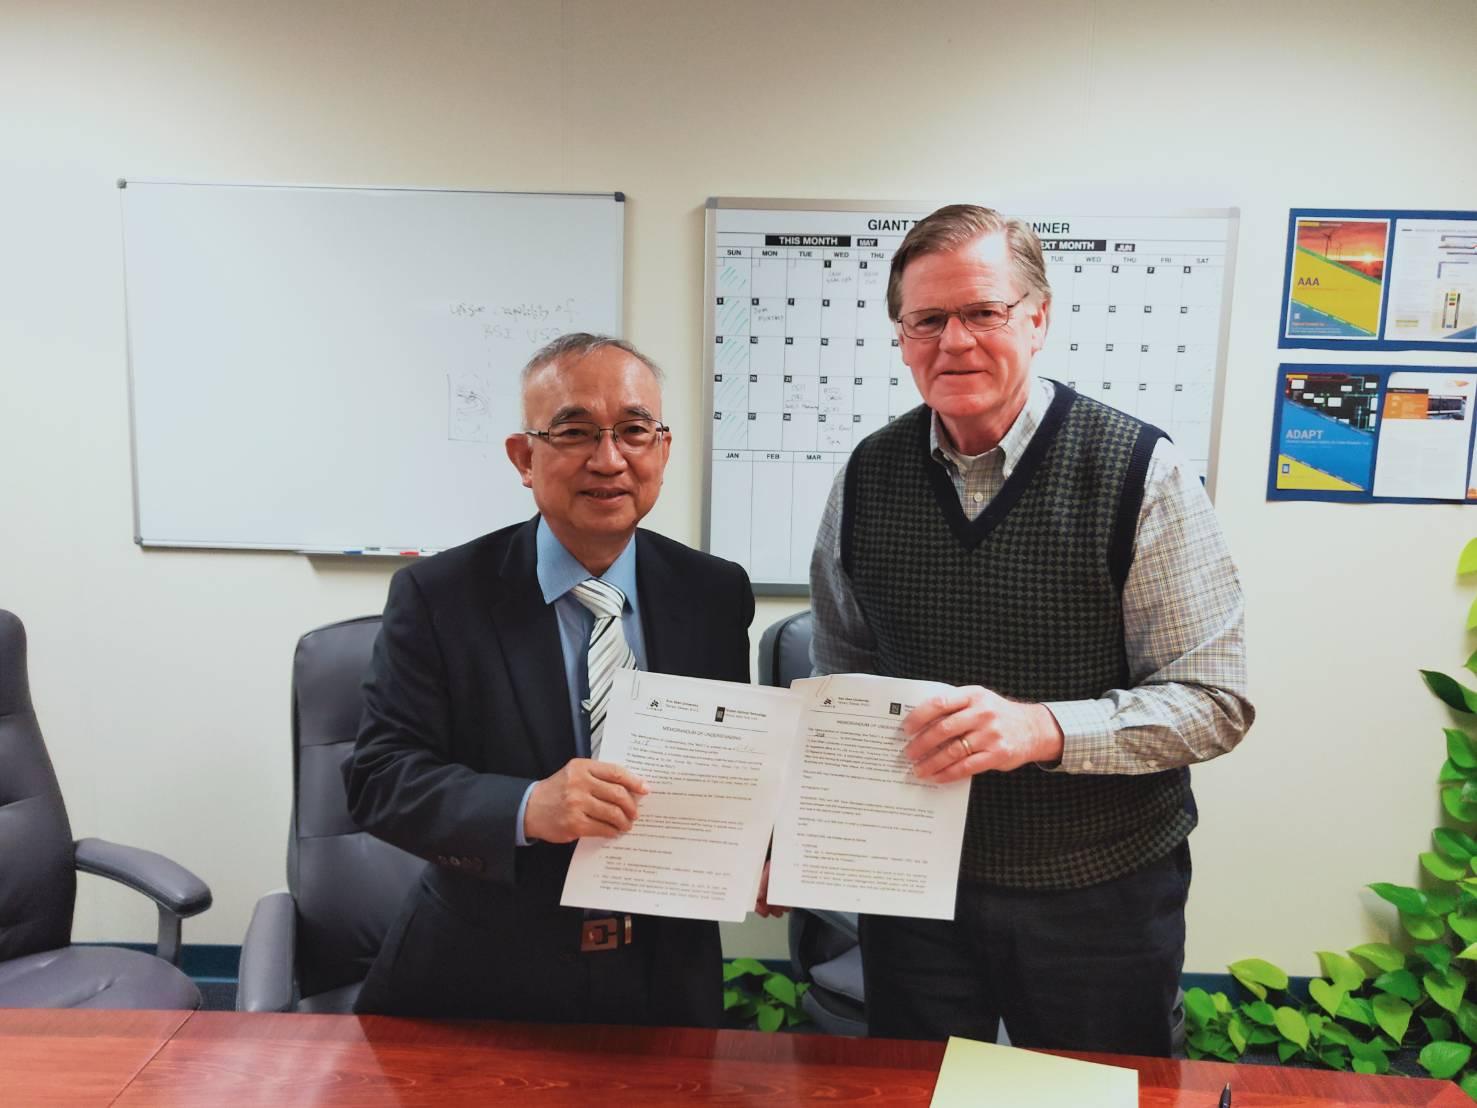 崑大團隊赴美拜訪知名大學及智慧電網商 簽訂合作培育國際人才-校園大小事